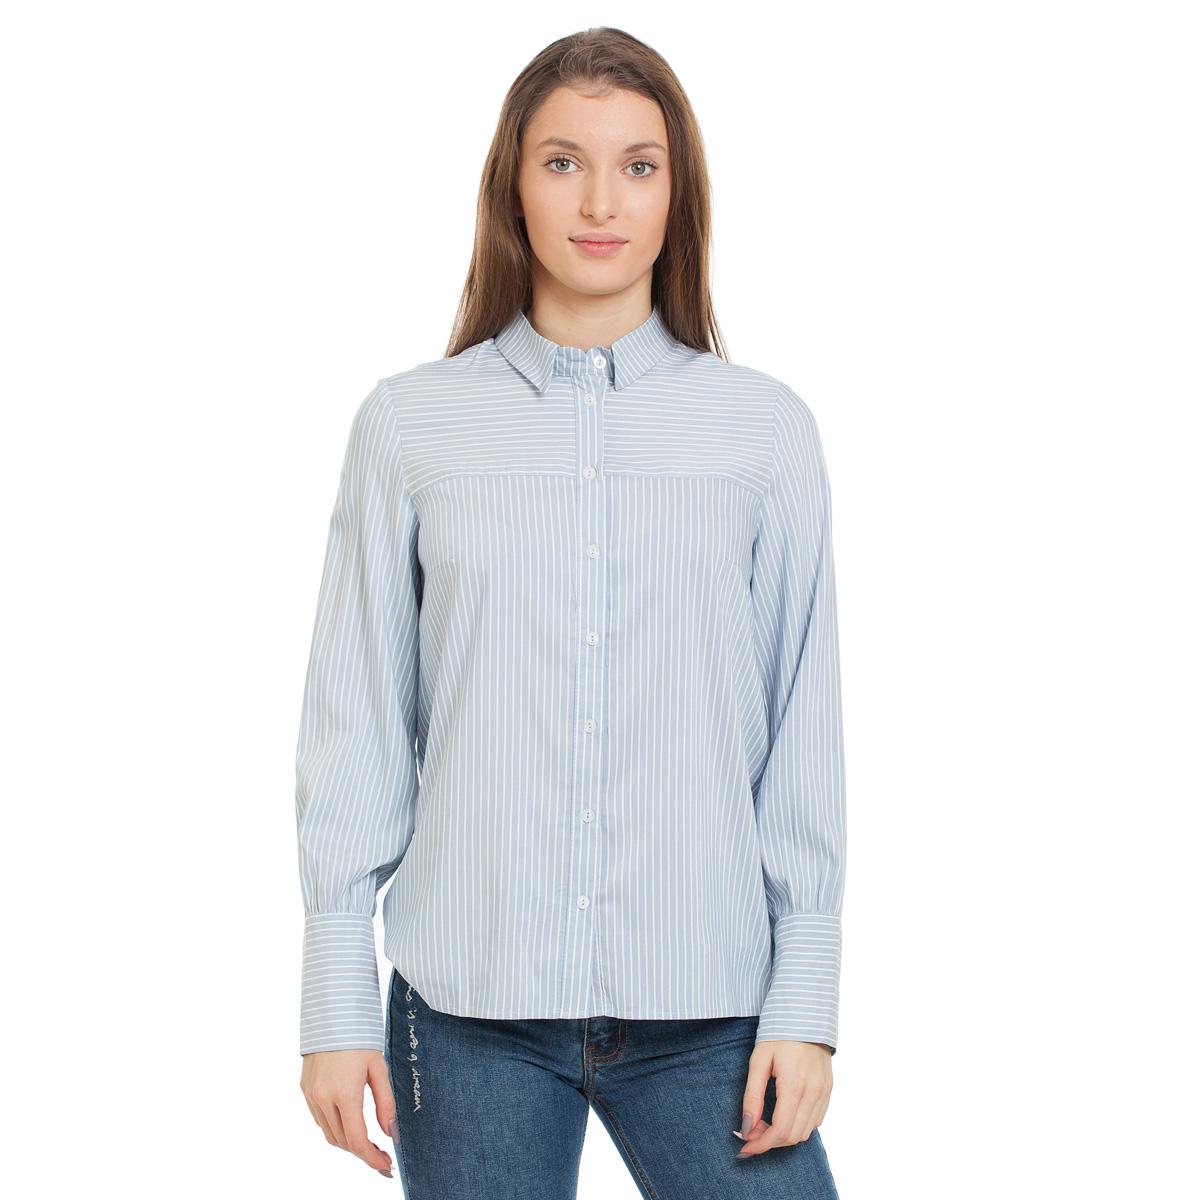 Рубашка Sevenext, MD-392/1